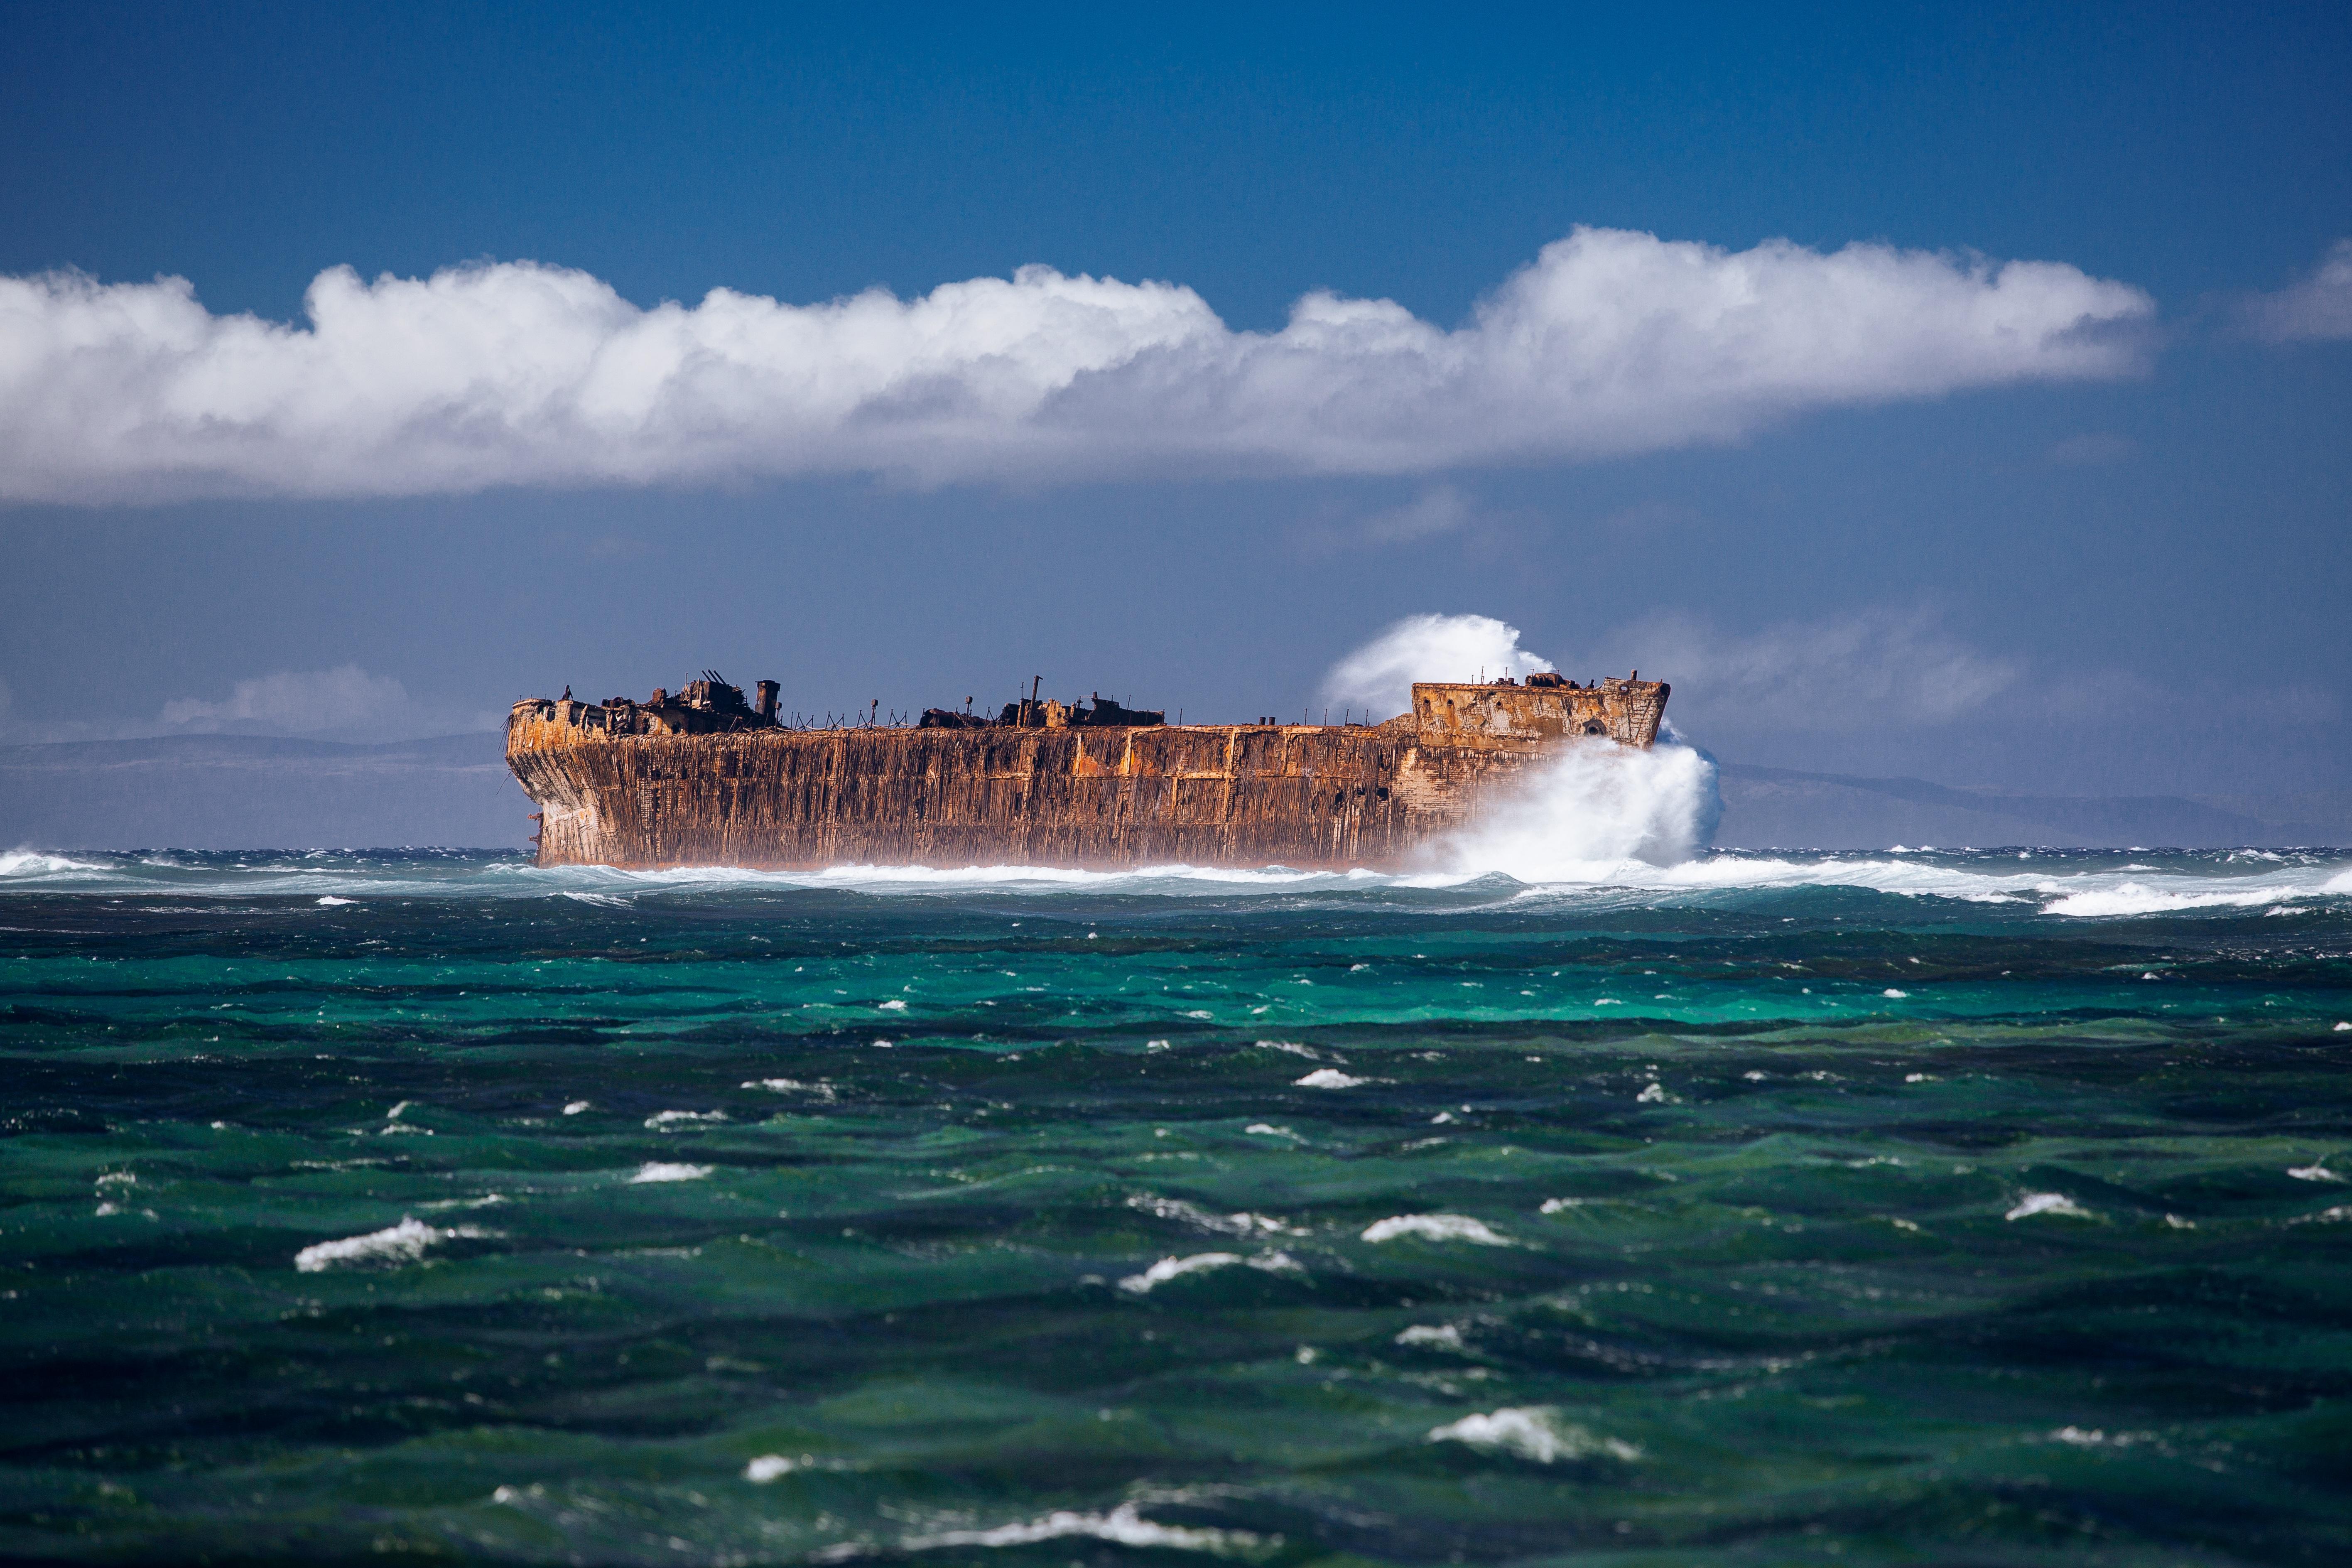 фото море волна корабль окончательный